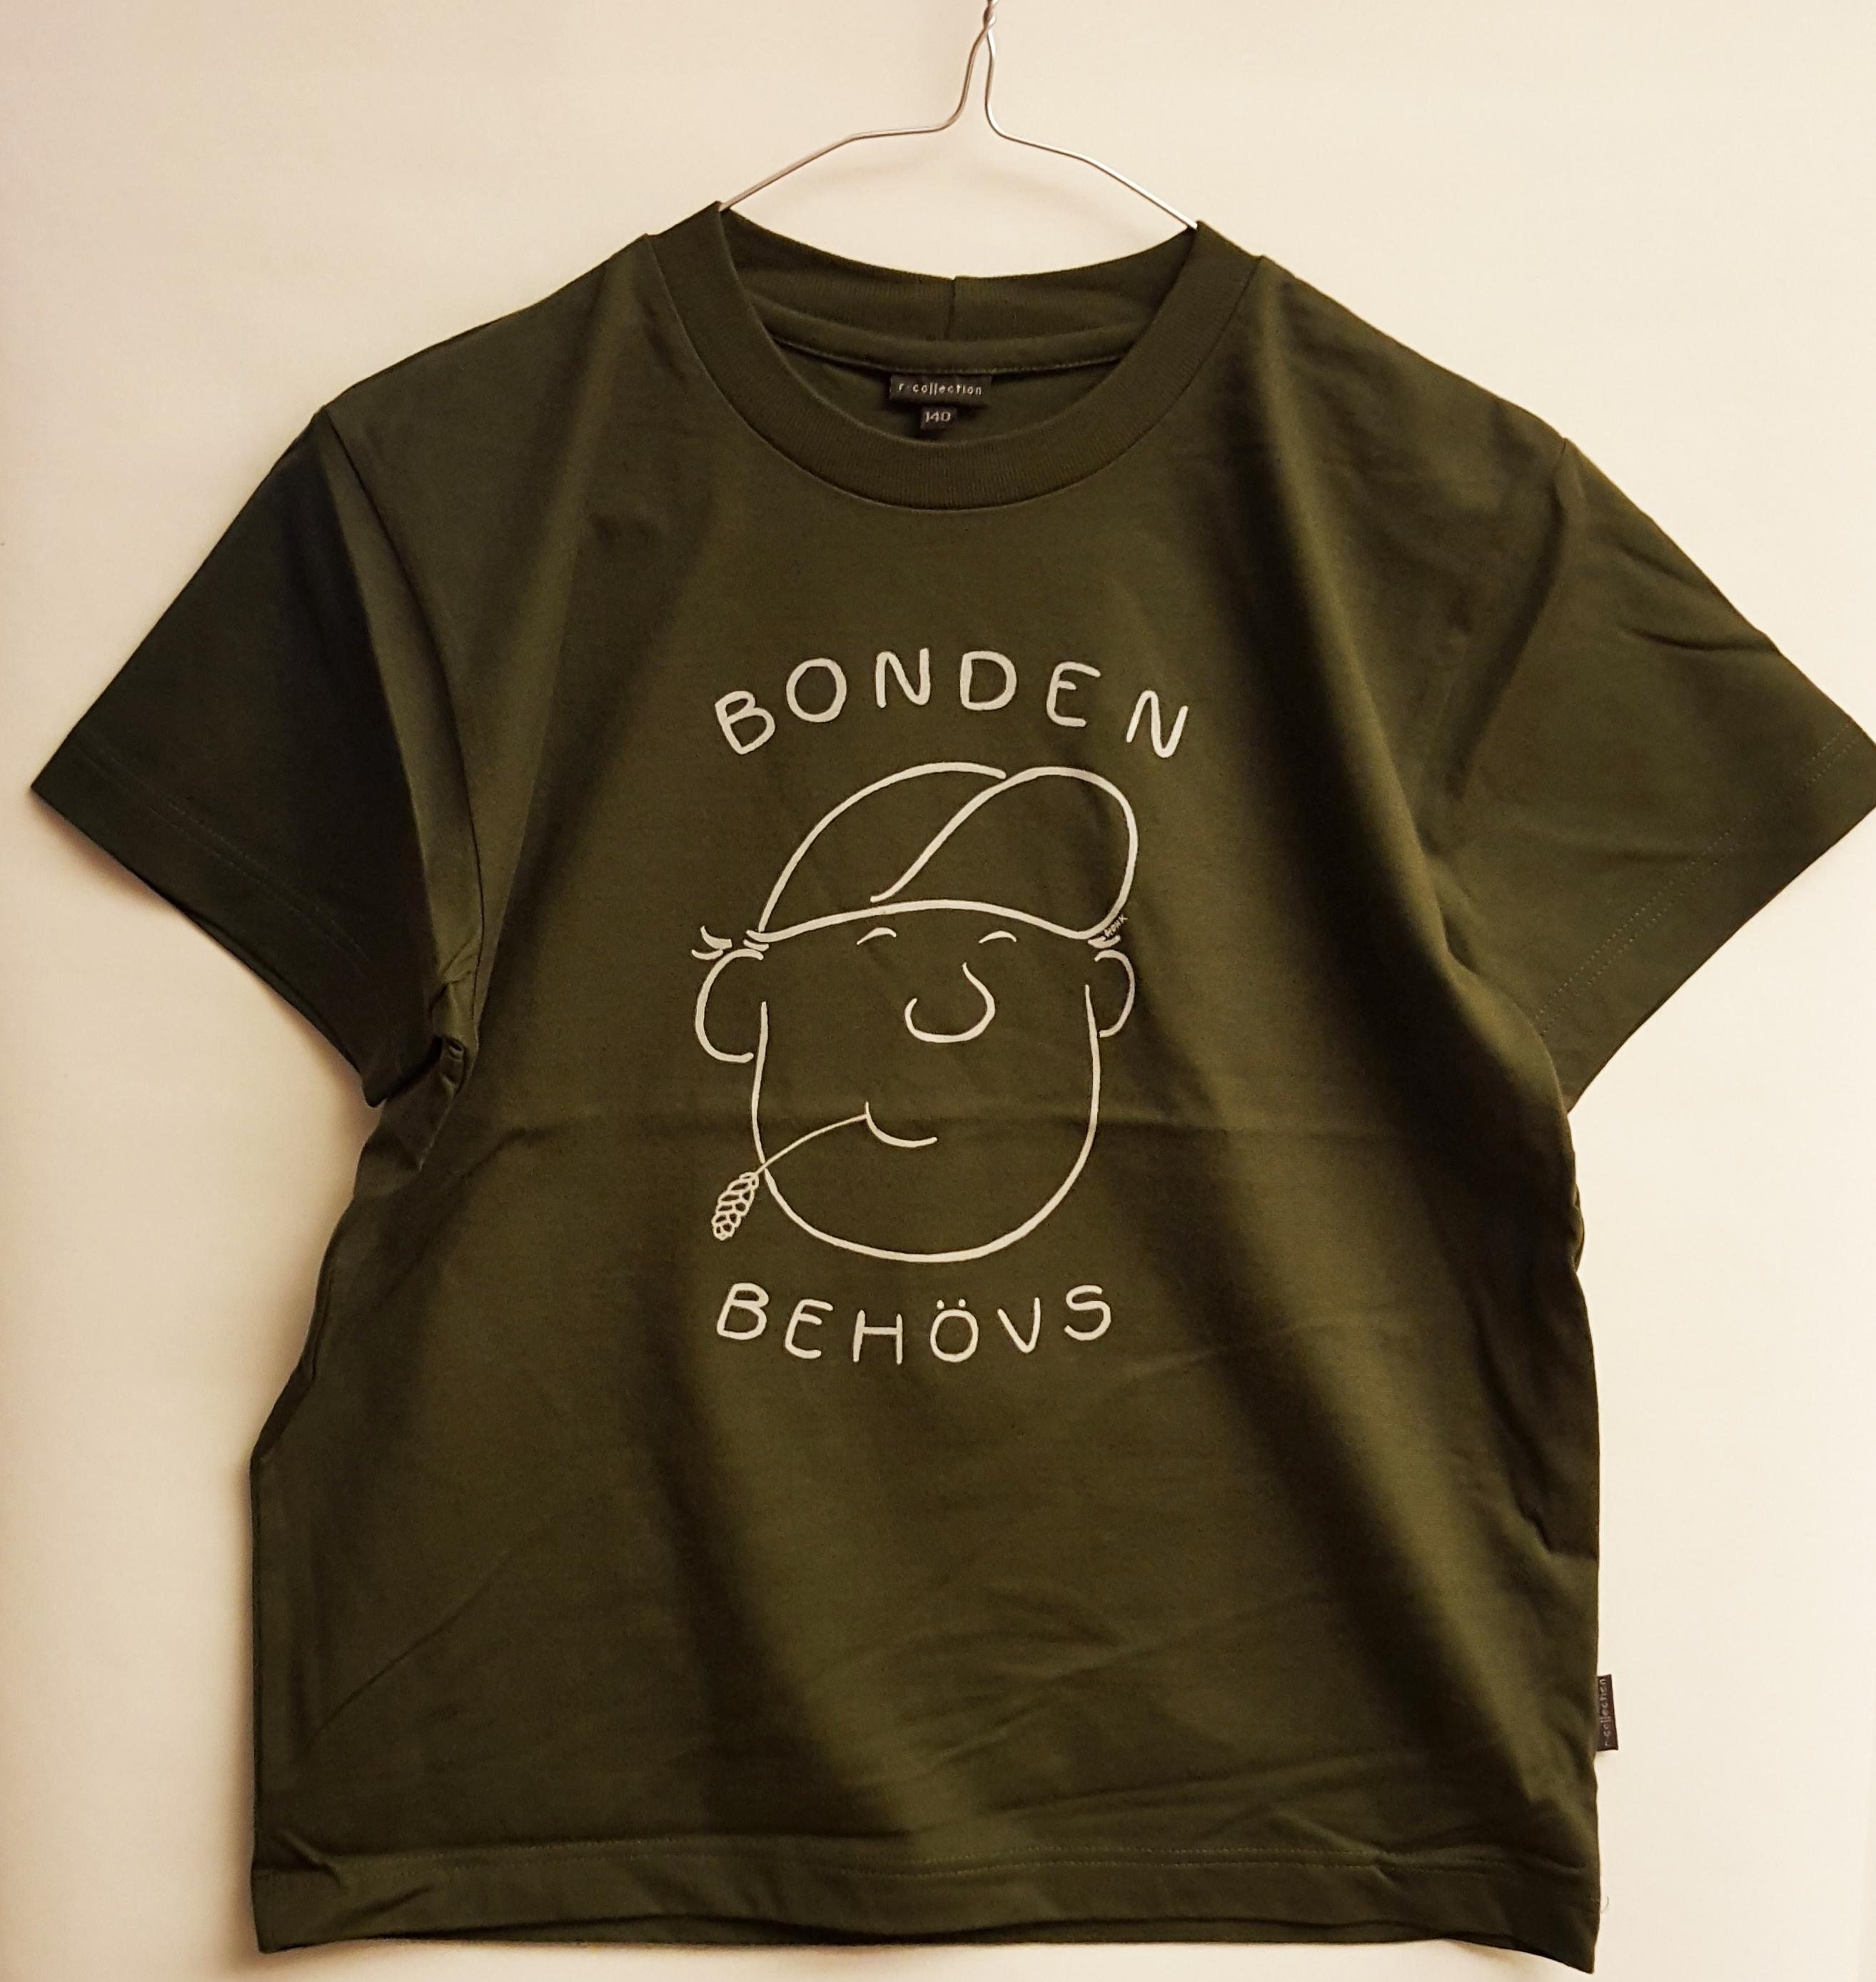 SLC - Utgående modell: T-skjorta för barn och vuxna, Bonden behövs, mörkgrön